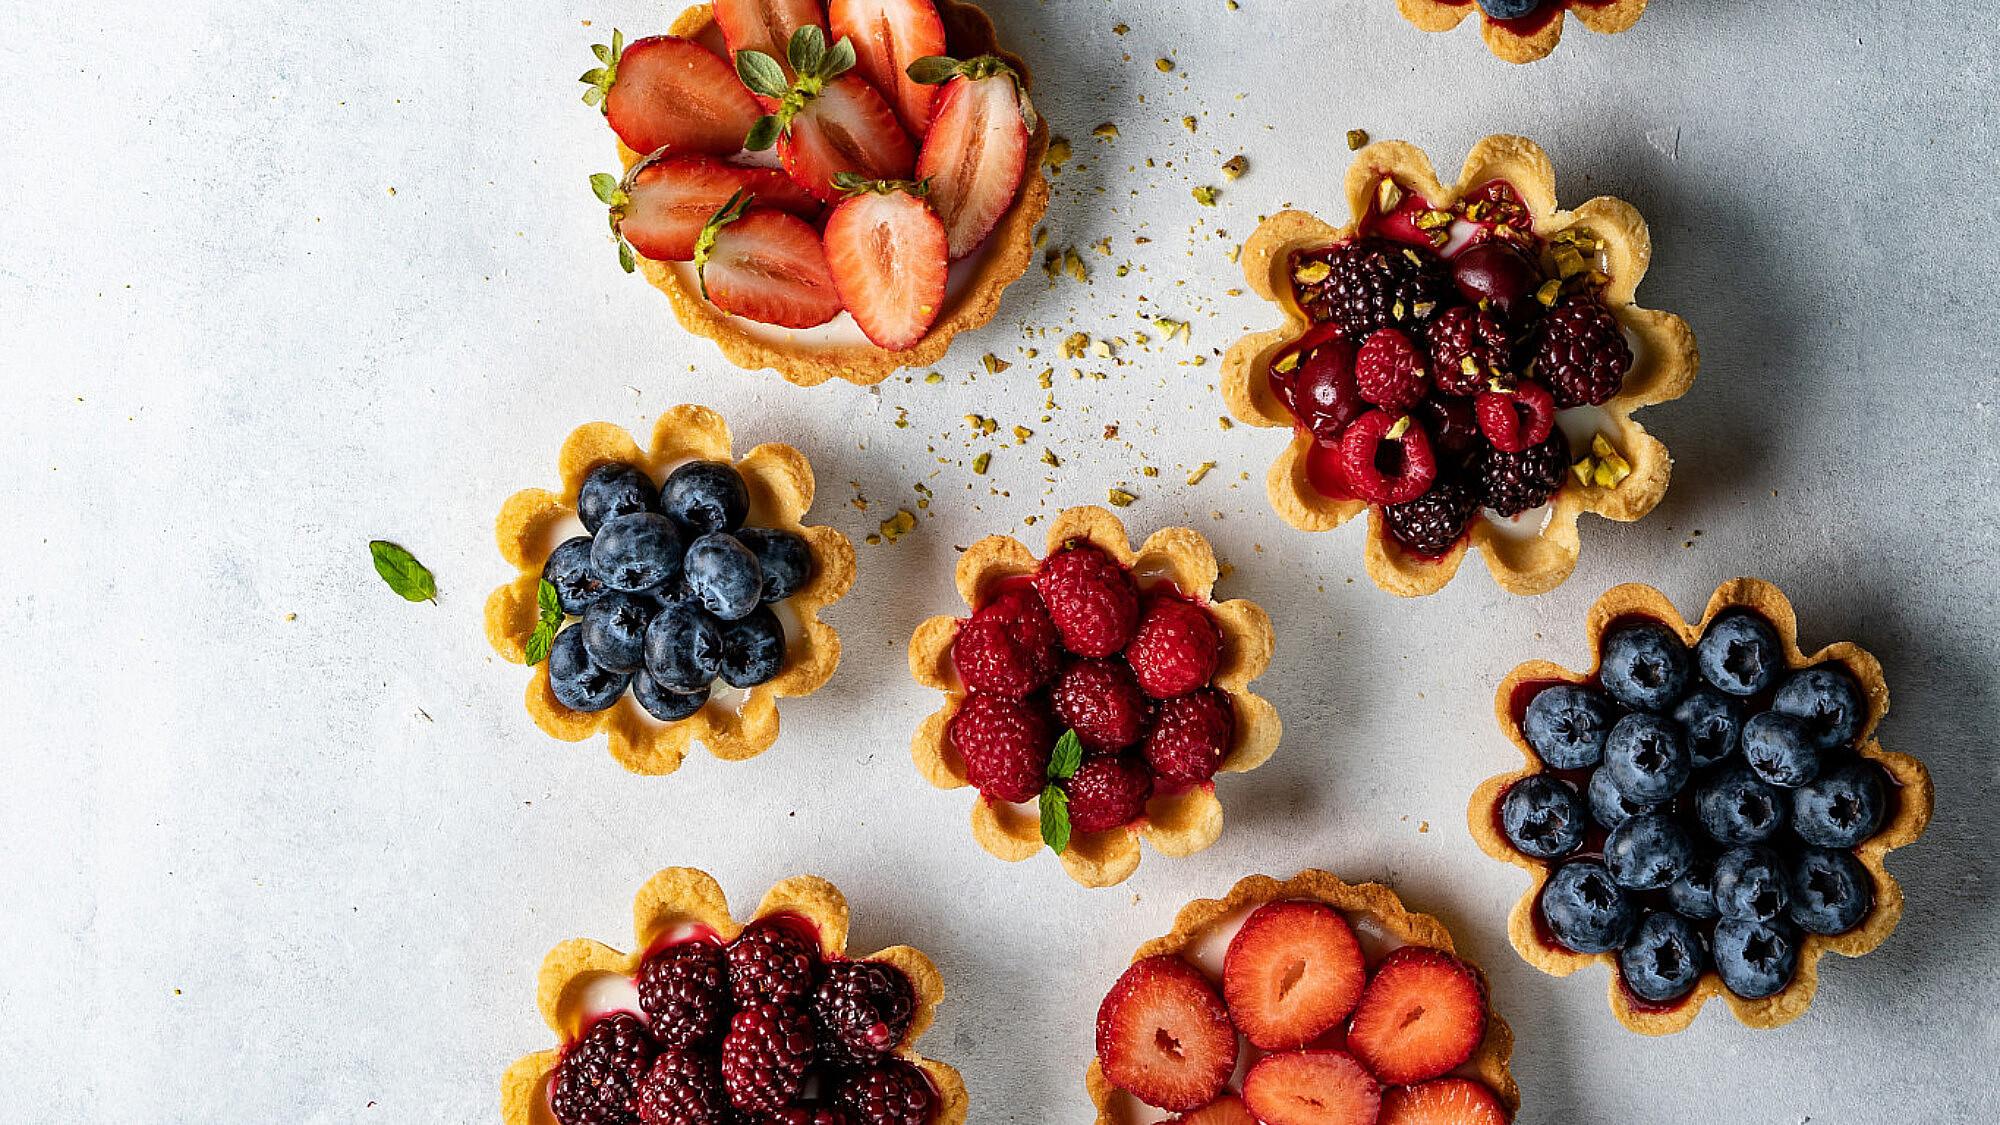 טארטלטים פירות יער וקרם וניל של סופיה טייב, סטיילינג: עינב רייכנר | צילום שני בריל (עבור סמסונג Bespoke)